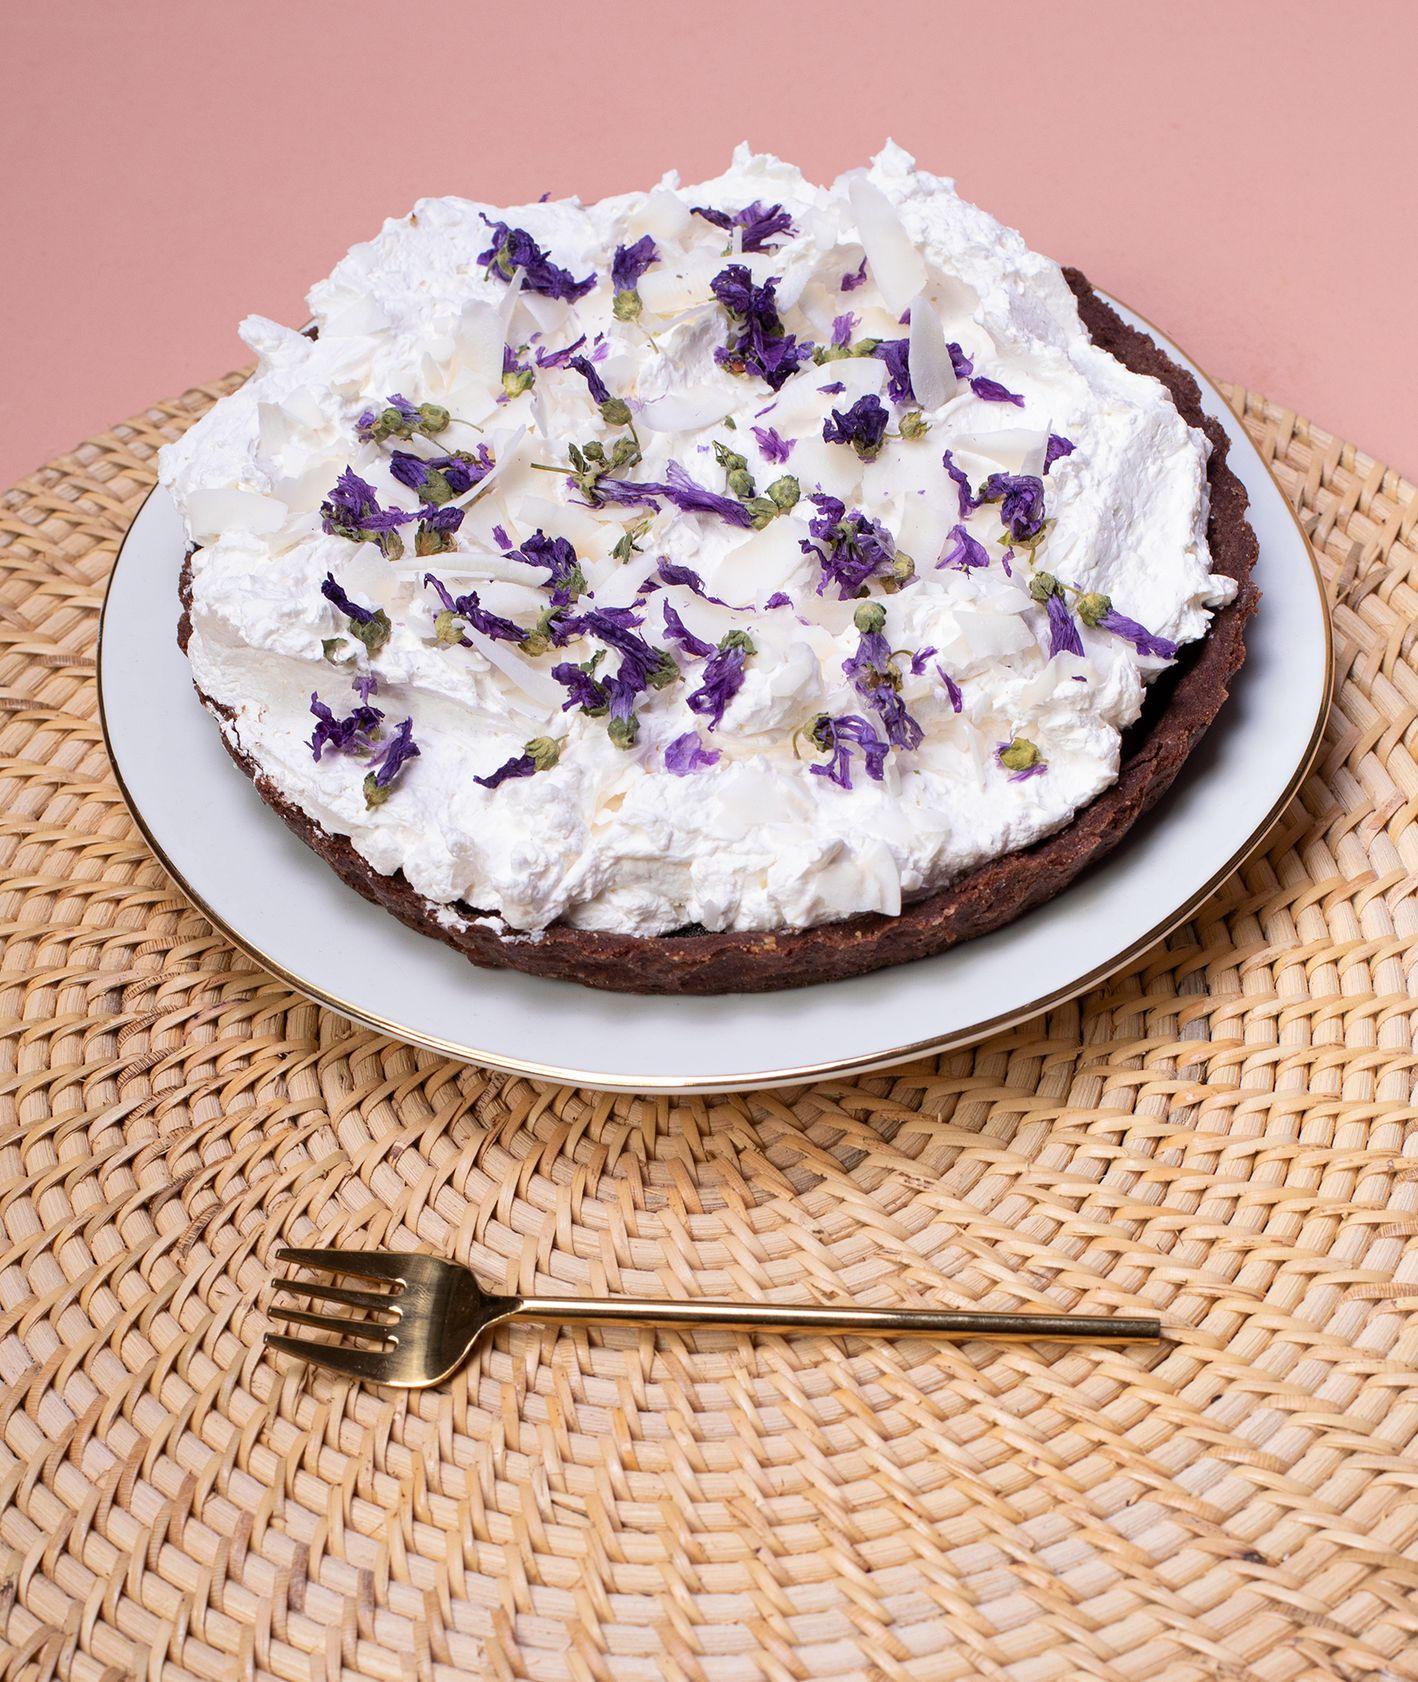 Jak zrobić wegańska tartę czekoladowo-kokosową, przepisy na wegańskie ciasta z kremem, wegańska tarta czekoladowa, ciasta MUUS (fot. Paulina Czyżewska)